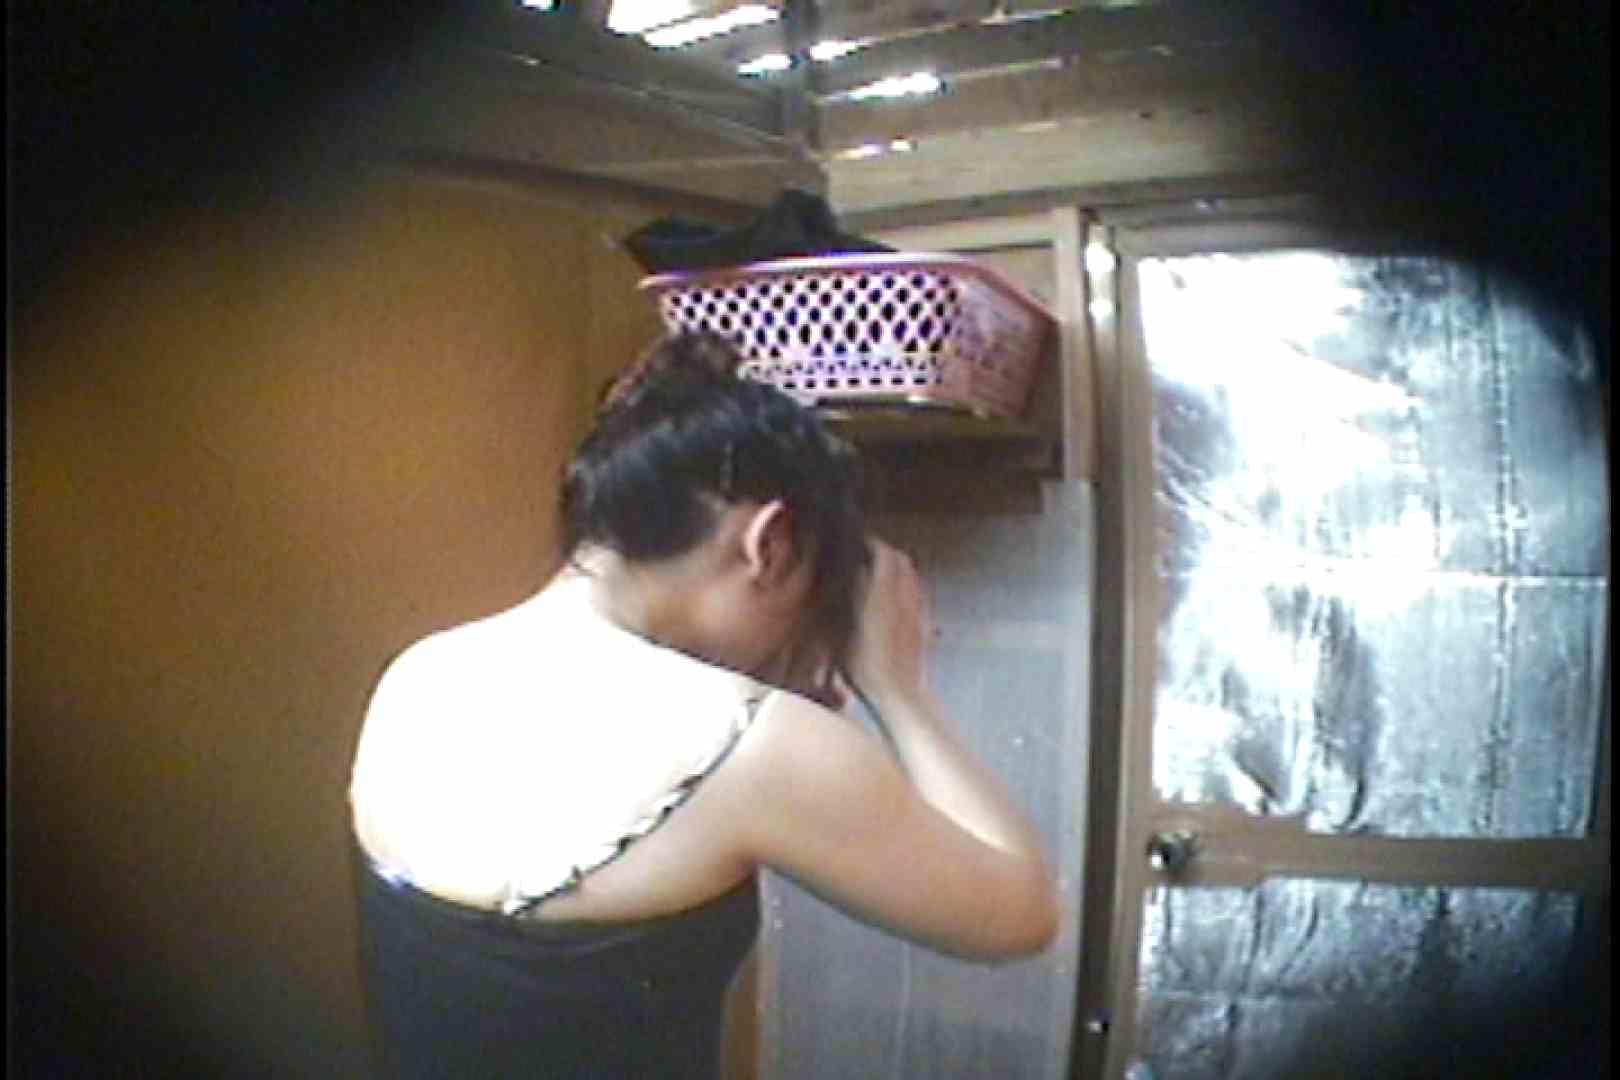 海の家の更衣室 Vol.37 シャワー 覗きおまんこ画像 75連発 56